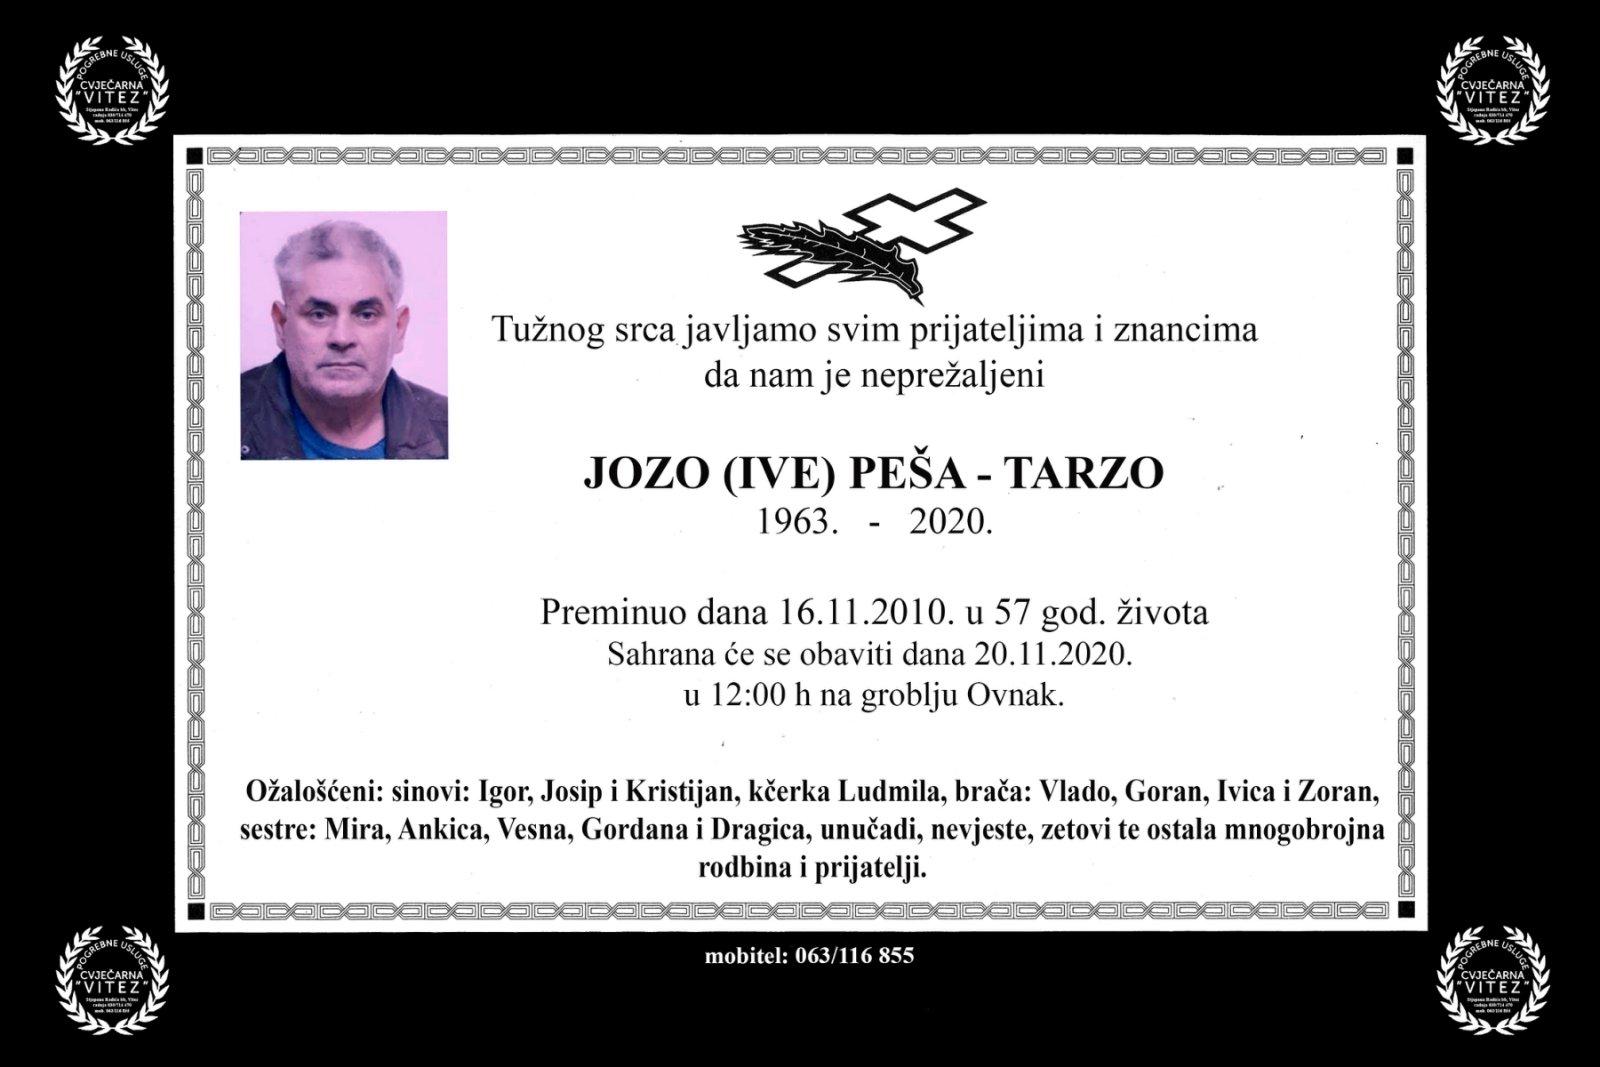 Jozo (Ive) Peša – Tarzo